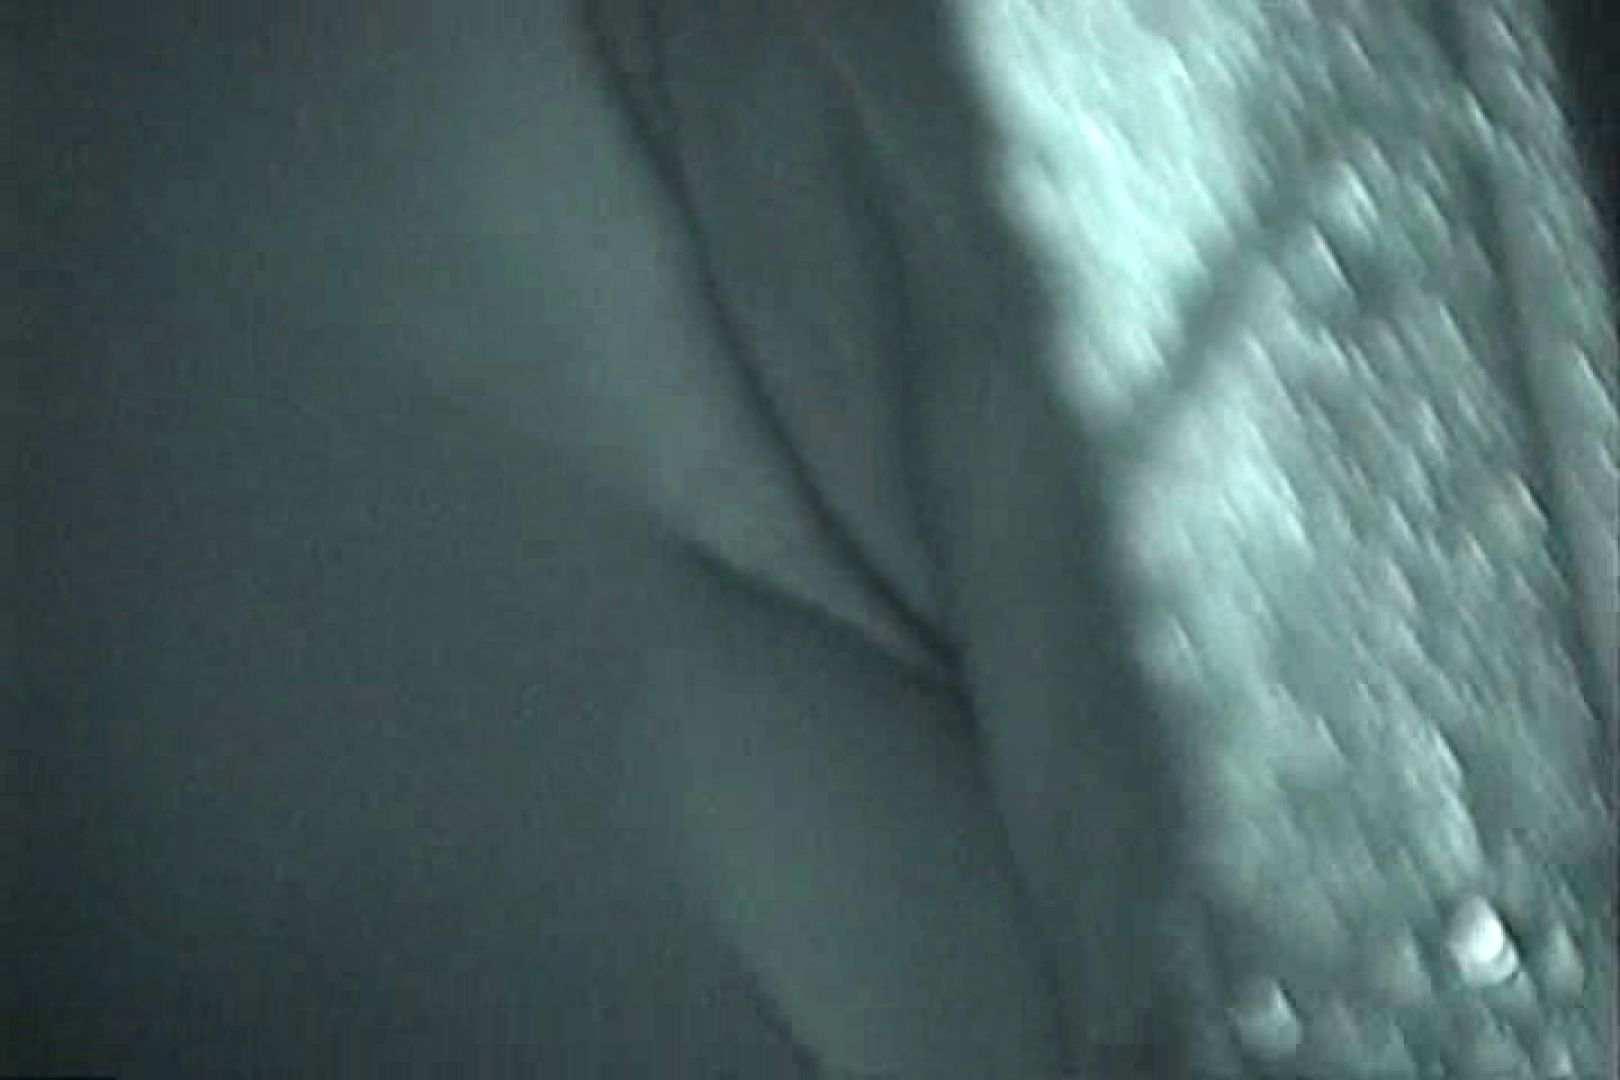 充血監督の深夜の運動会Vol.119 フェラ最高 SEX無修正画像 85画像 63